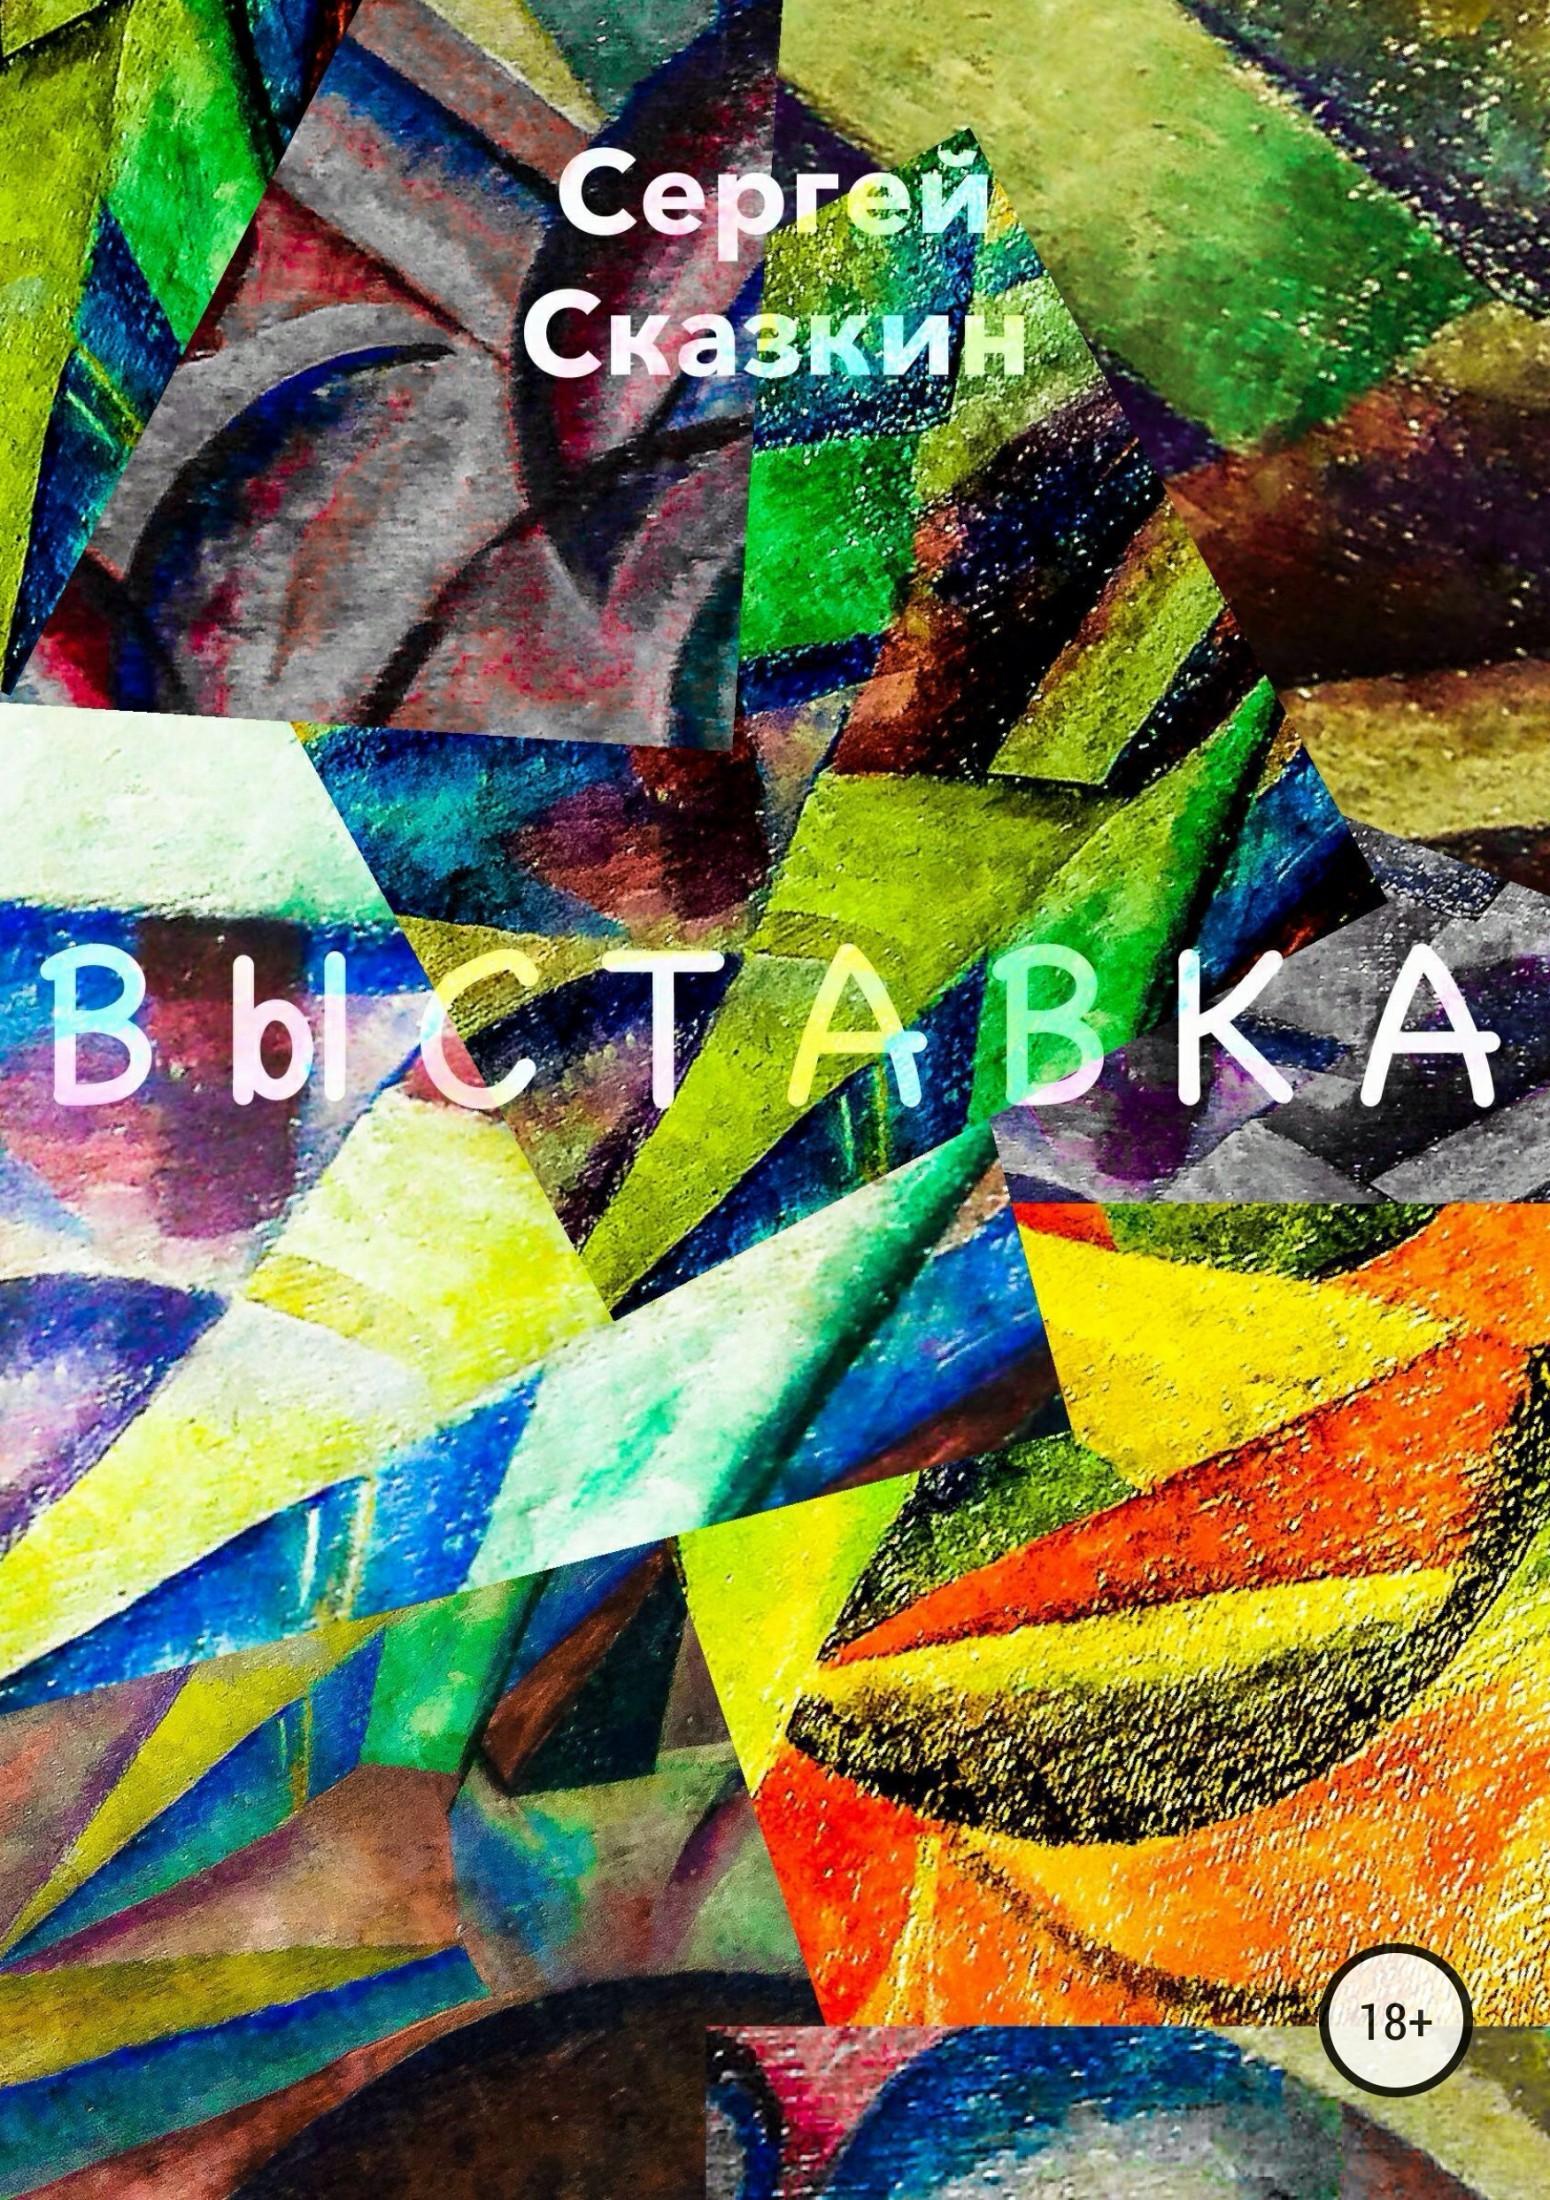 Сергей Сказкин. Выставка